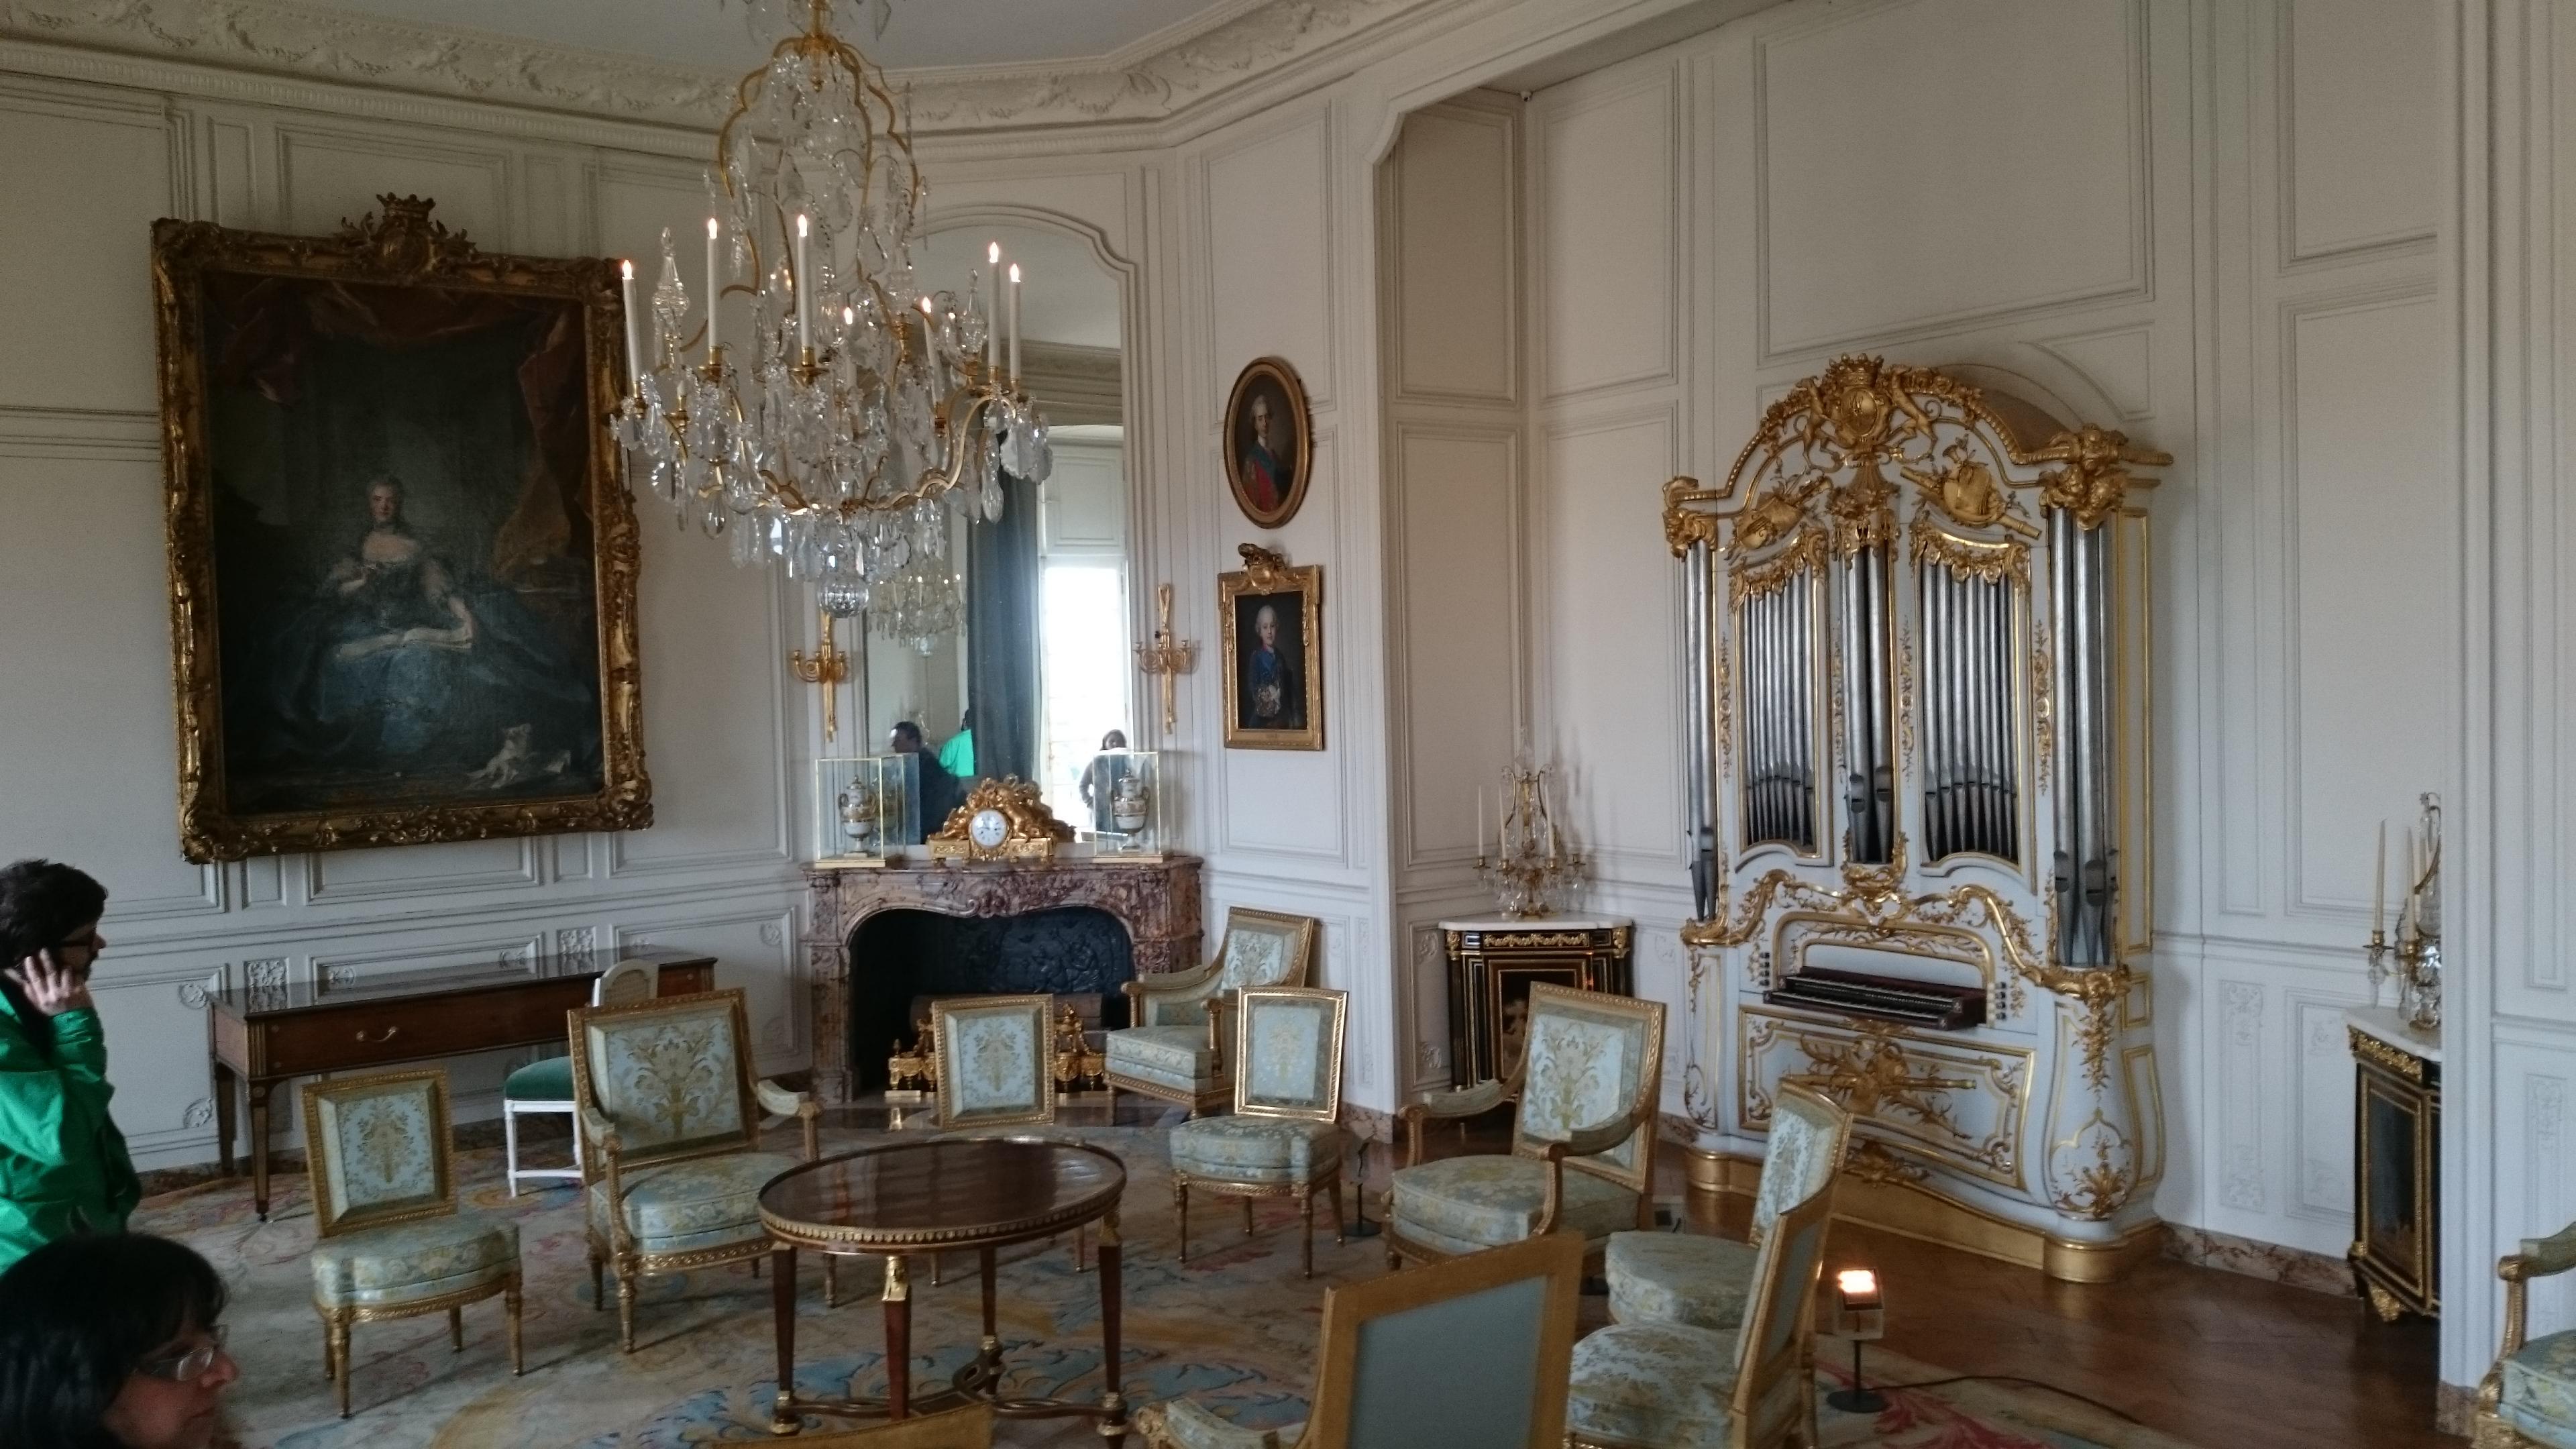 dsc 14281 - Visita al Palacio de Versalles: Como ir, cuanto cuesta y tips III/III